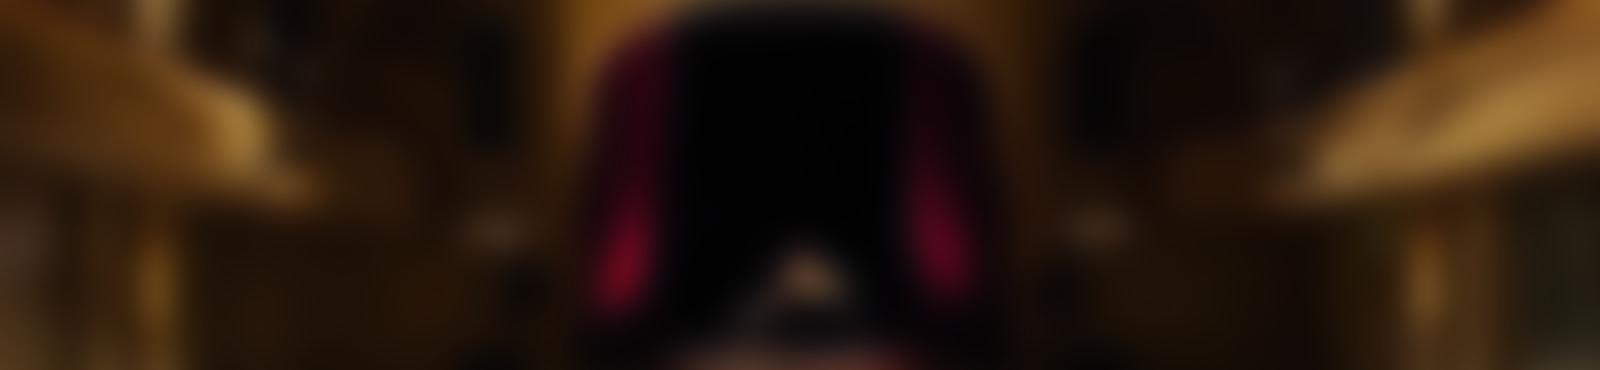 Blurred 74a999f5 1993 4cd0 aa4f 47b632a702b6